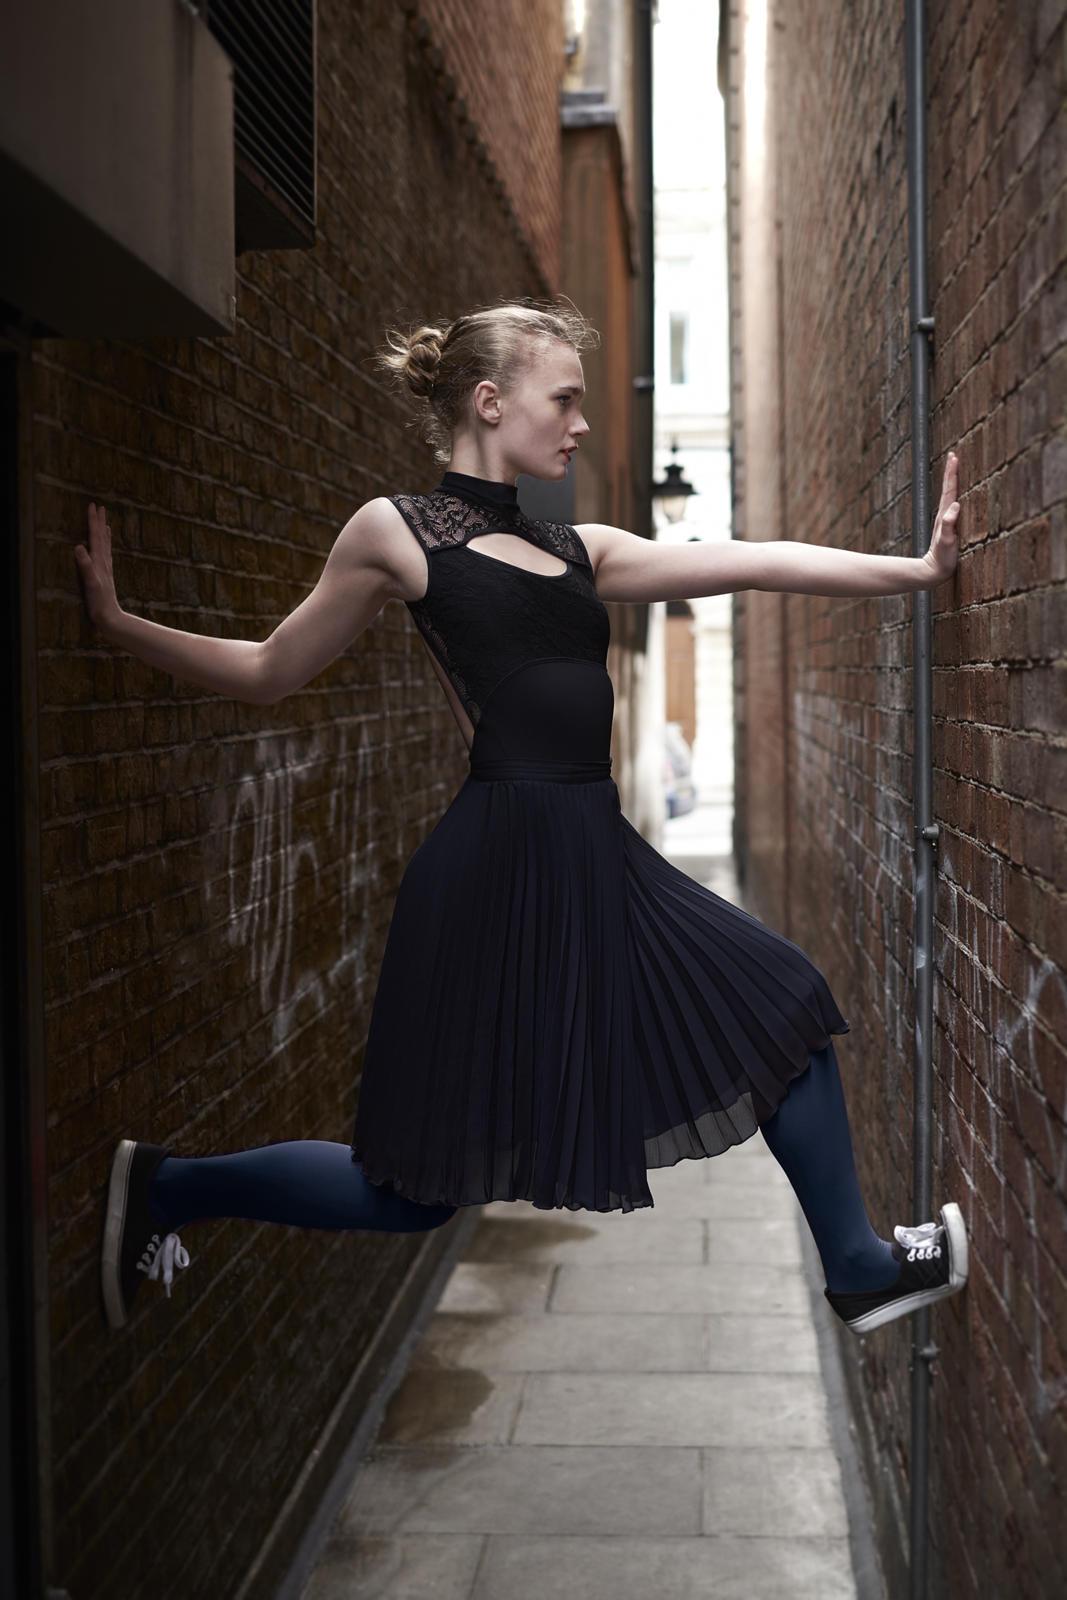 Foto van een ballerina in een steeg met zwarte jurk